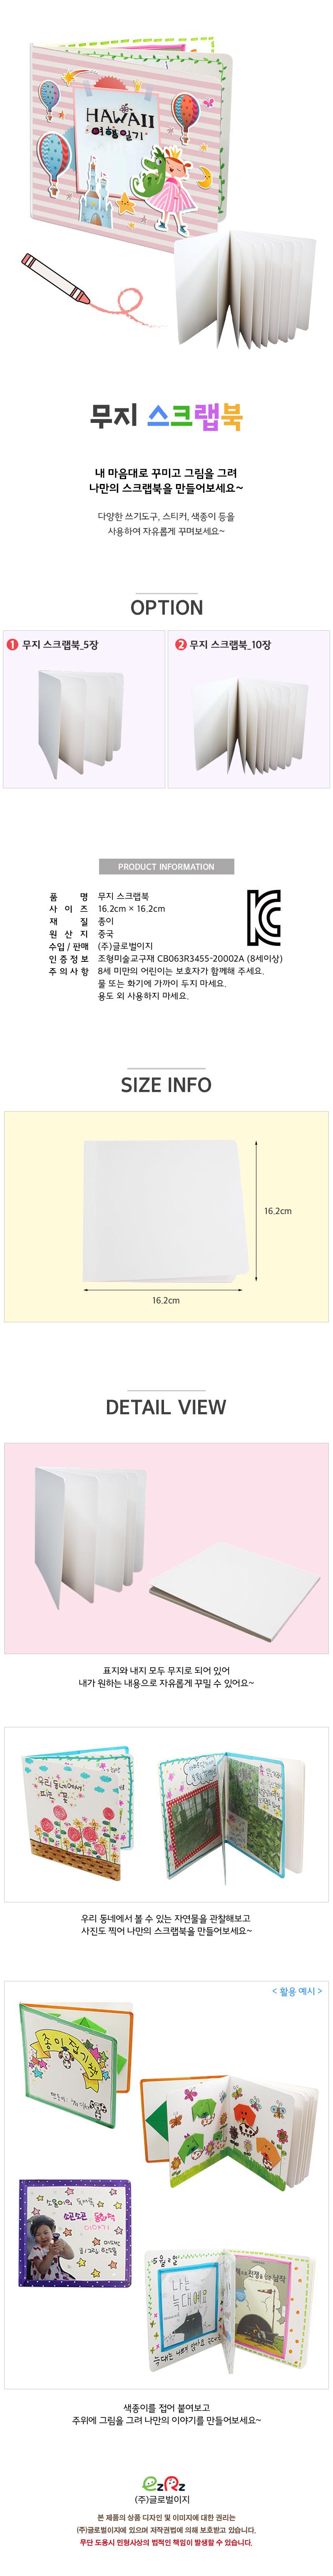 무지스크랩북 - 이지피아, 1,000원, 종이공예/북아트, 북아트 재료